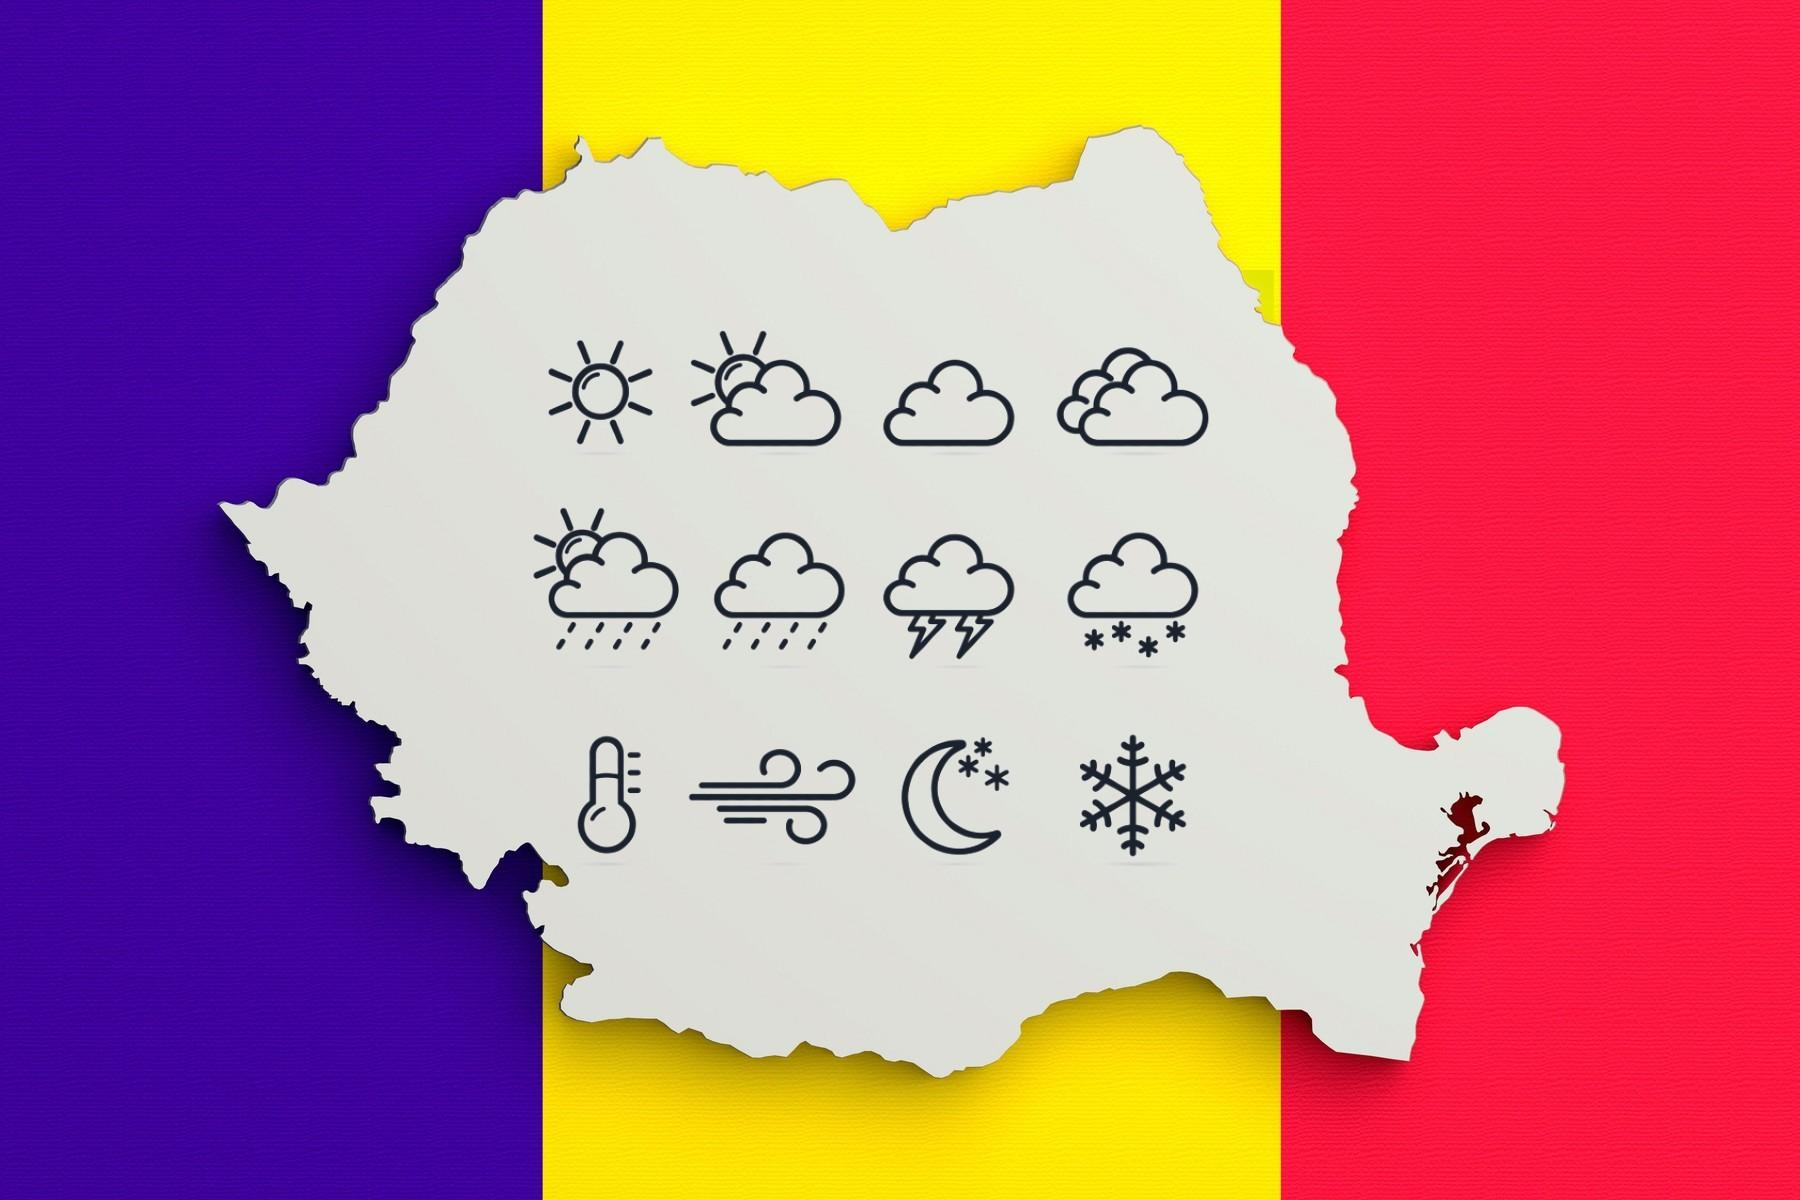 Prognoza meteo 31 ianuarie 2021. Cum e vremea în România și care sunt previziunile ANM pentru astăzi